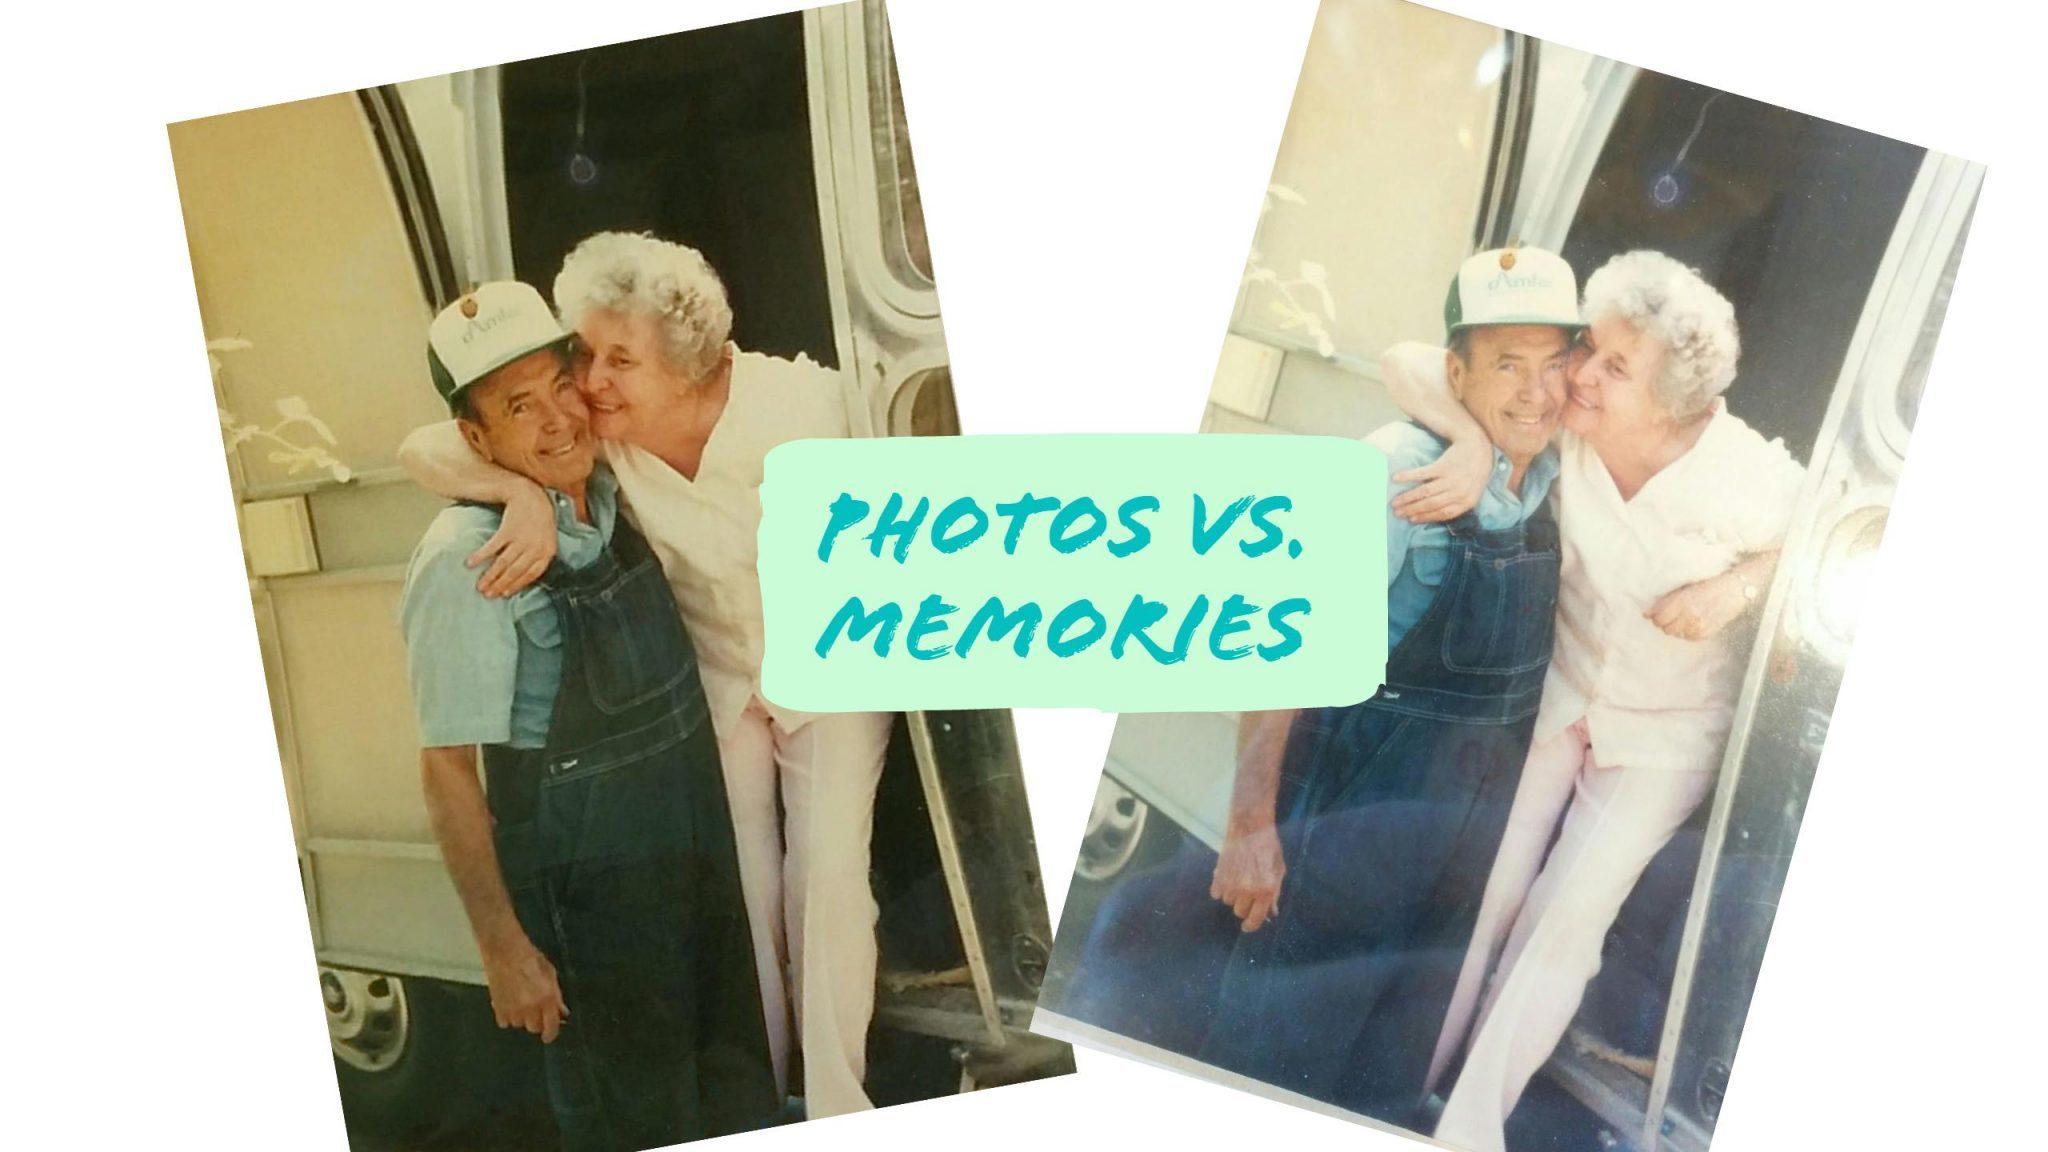 Family Search Memories vs. Google Photos